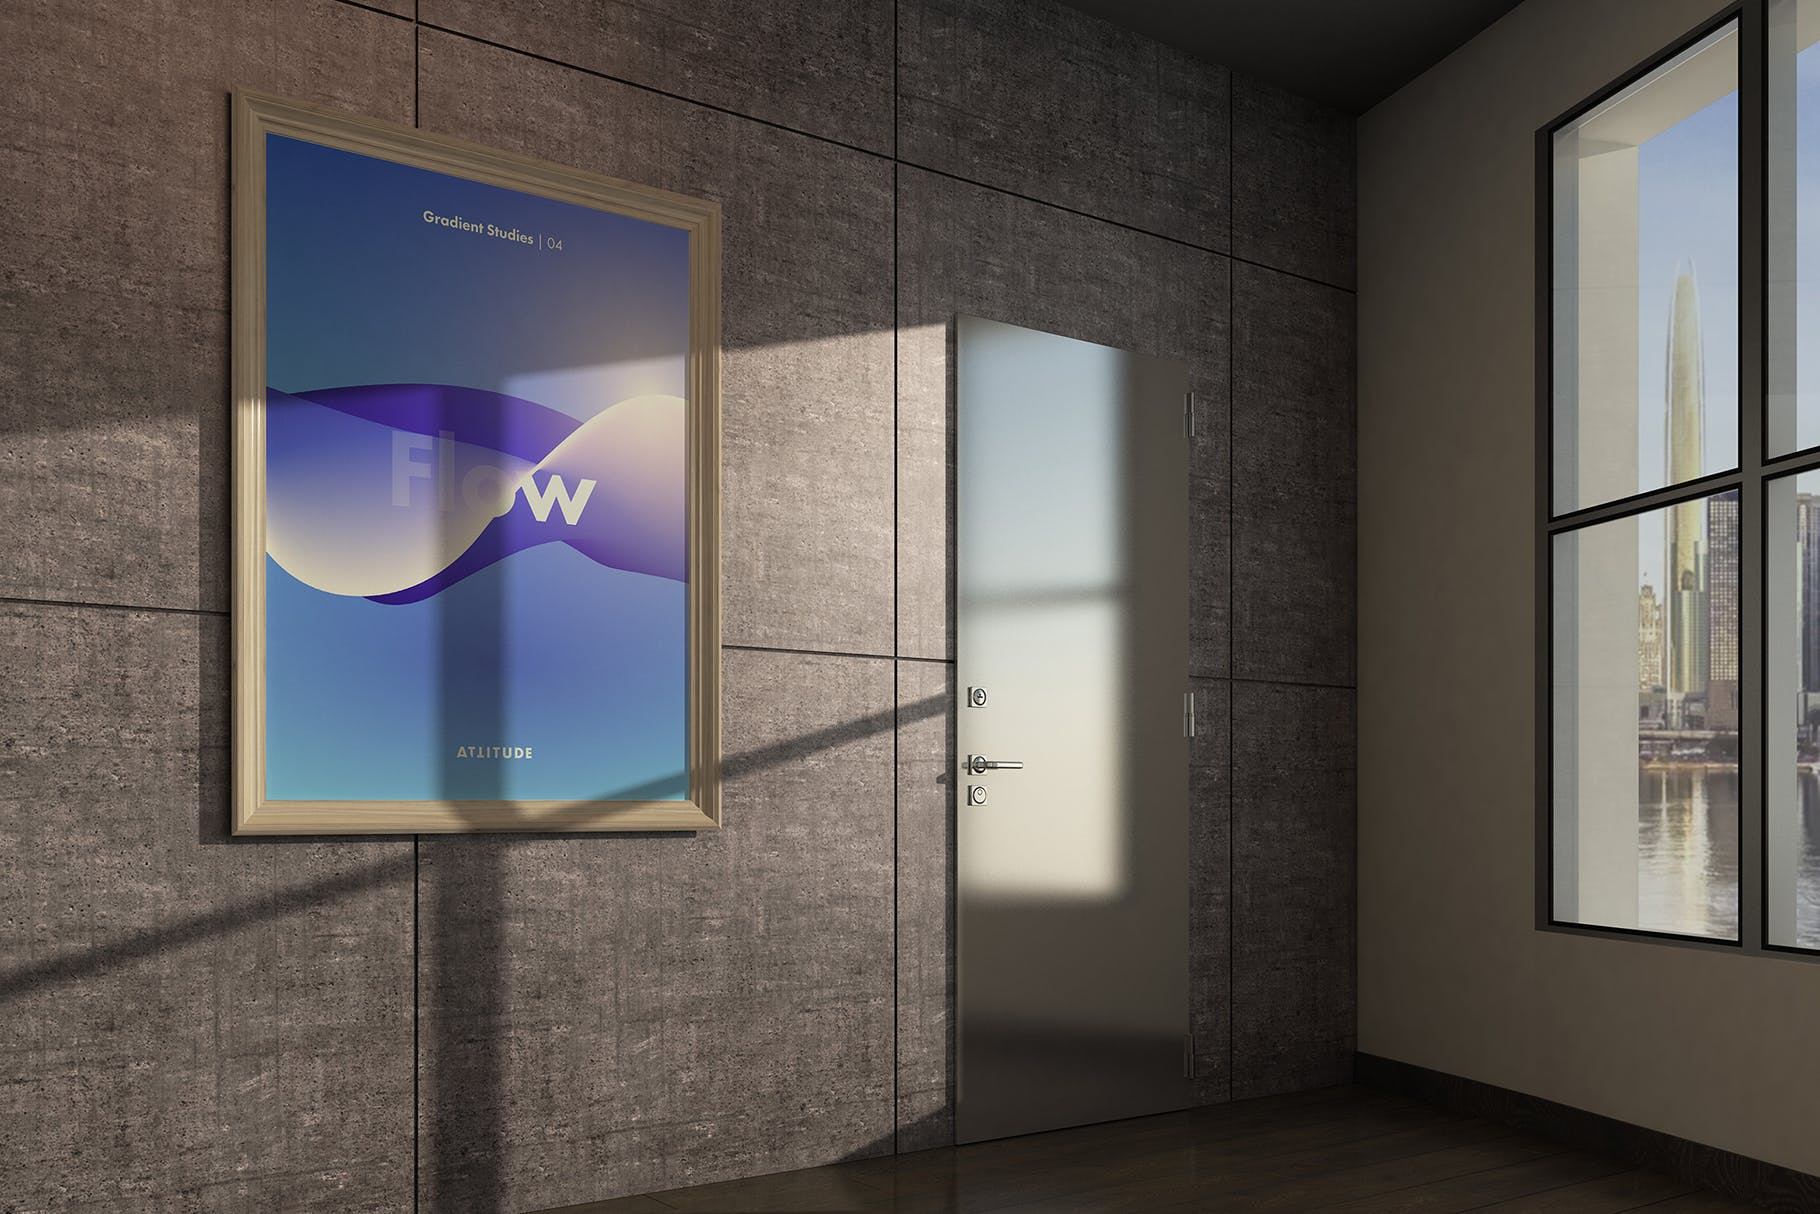 室内走廊相片艺术品海报样机模板 Gallery Mockup 3插图(2)